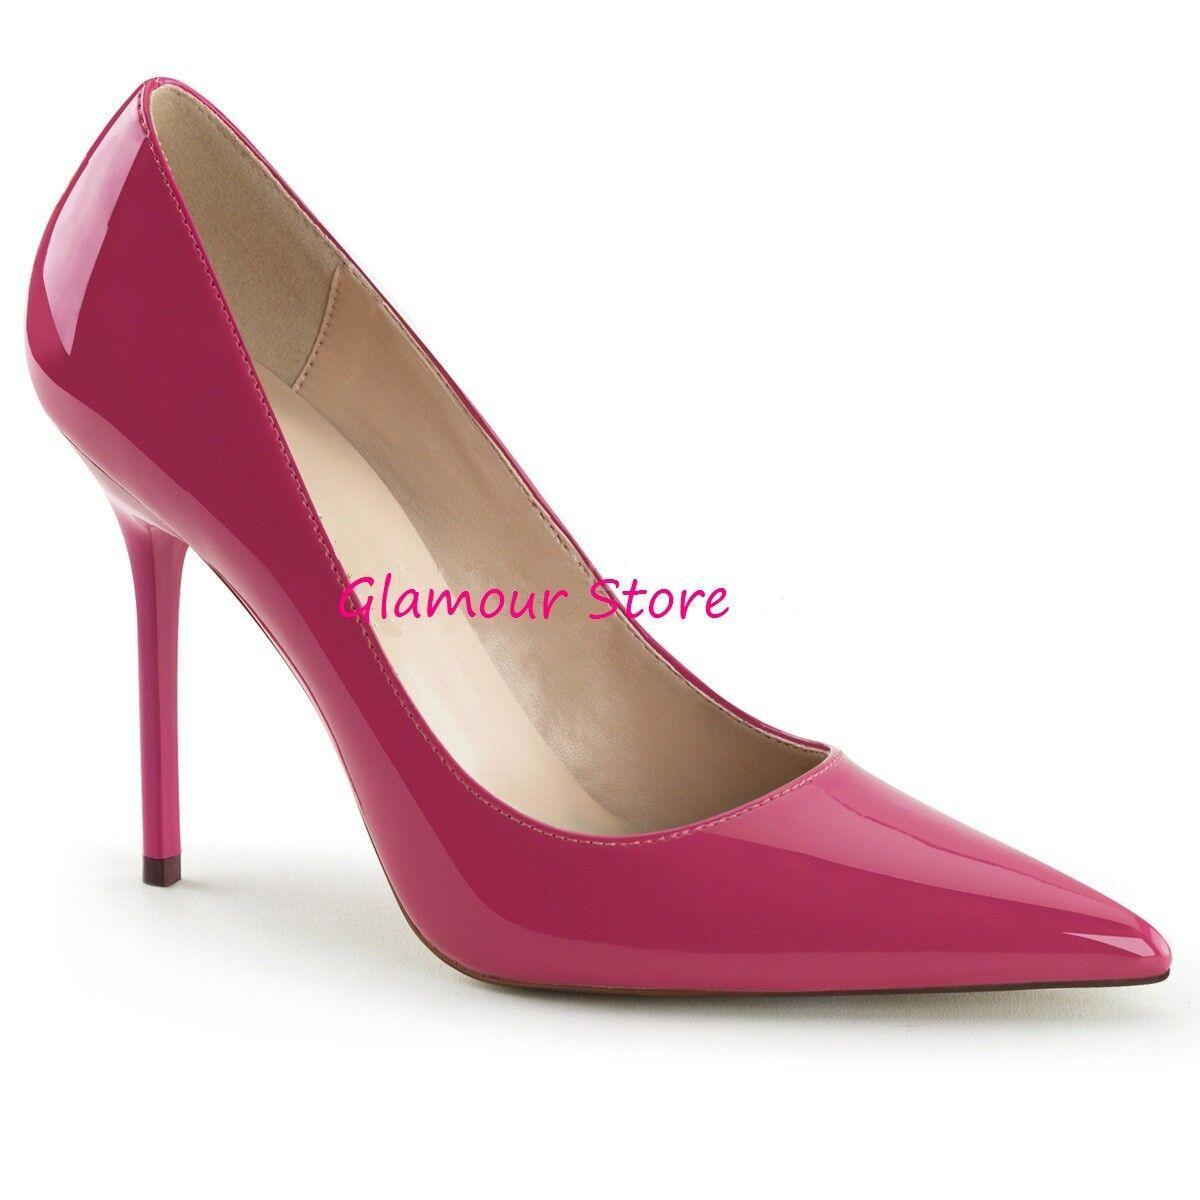 Sexy DECOLTE' a punta tacco 10 ROSA ACCESO LUCIDO dal 35 al 46 scarpe GLAMOUR